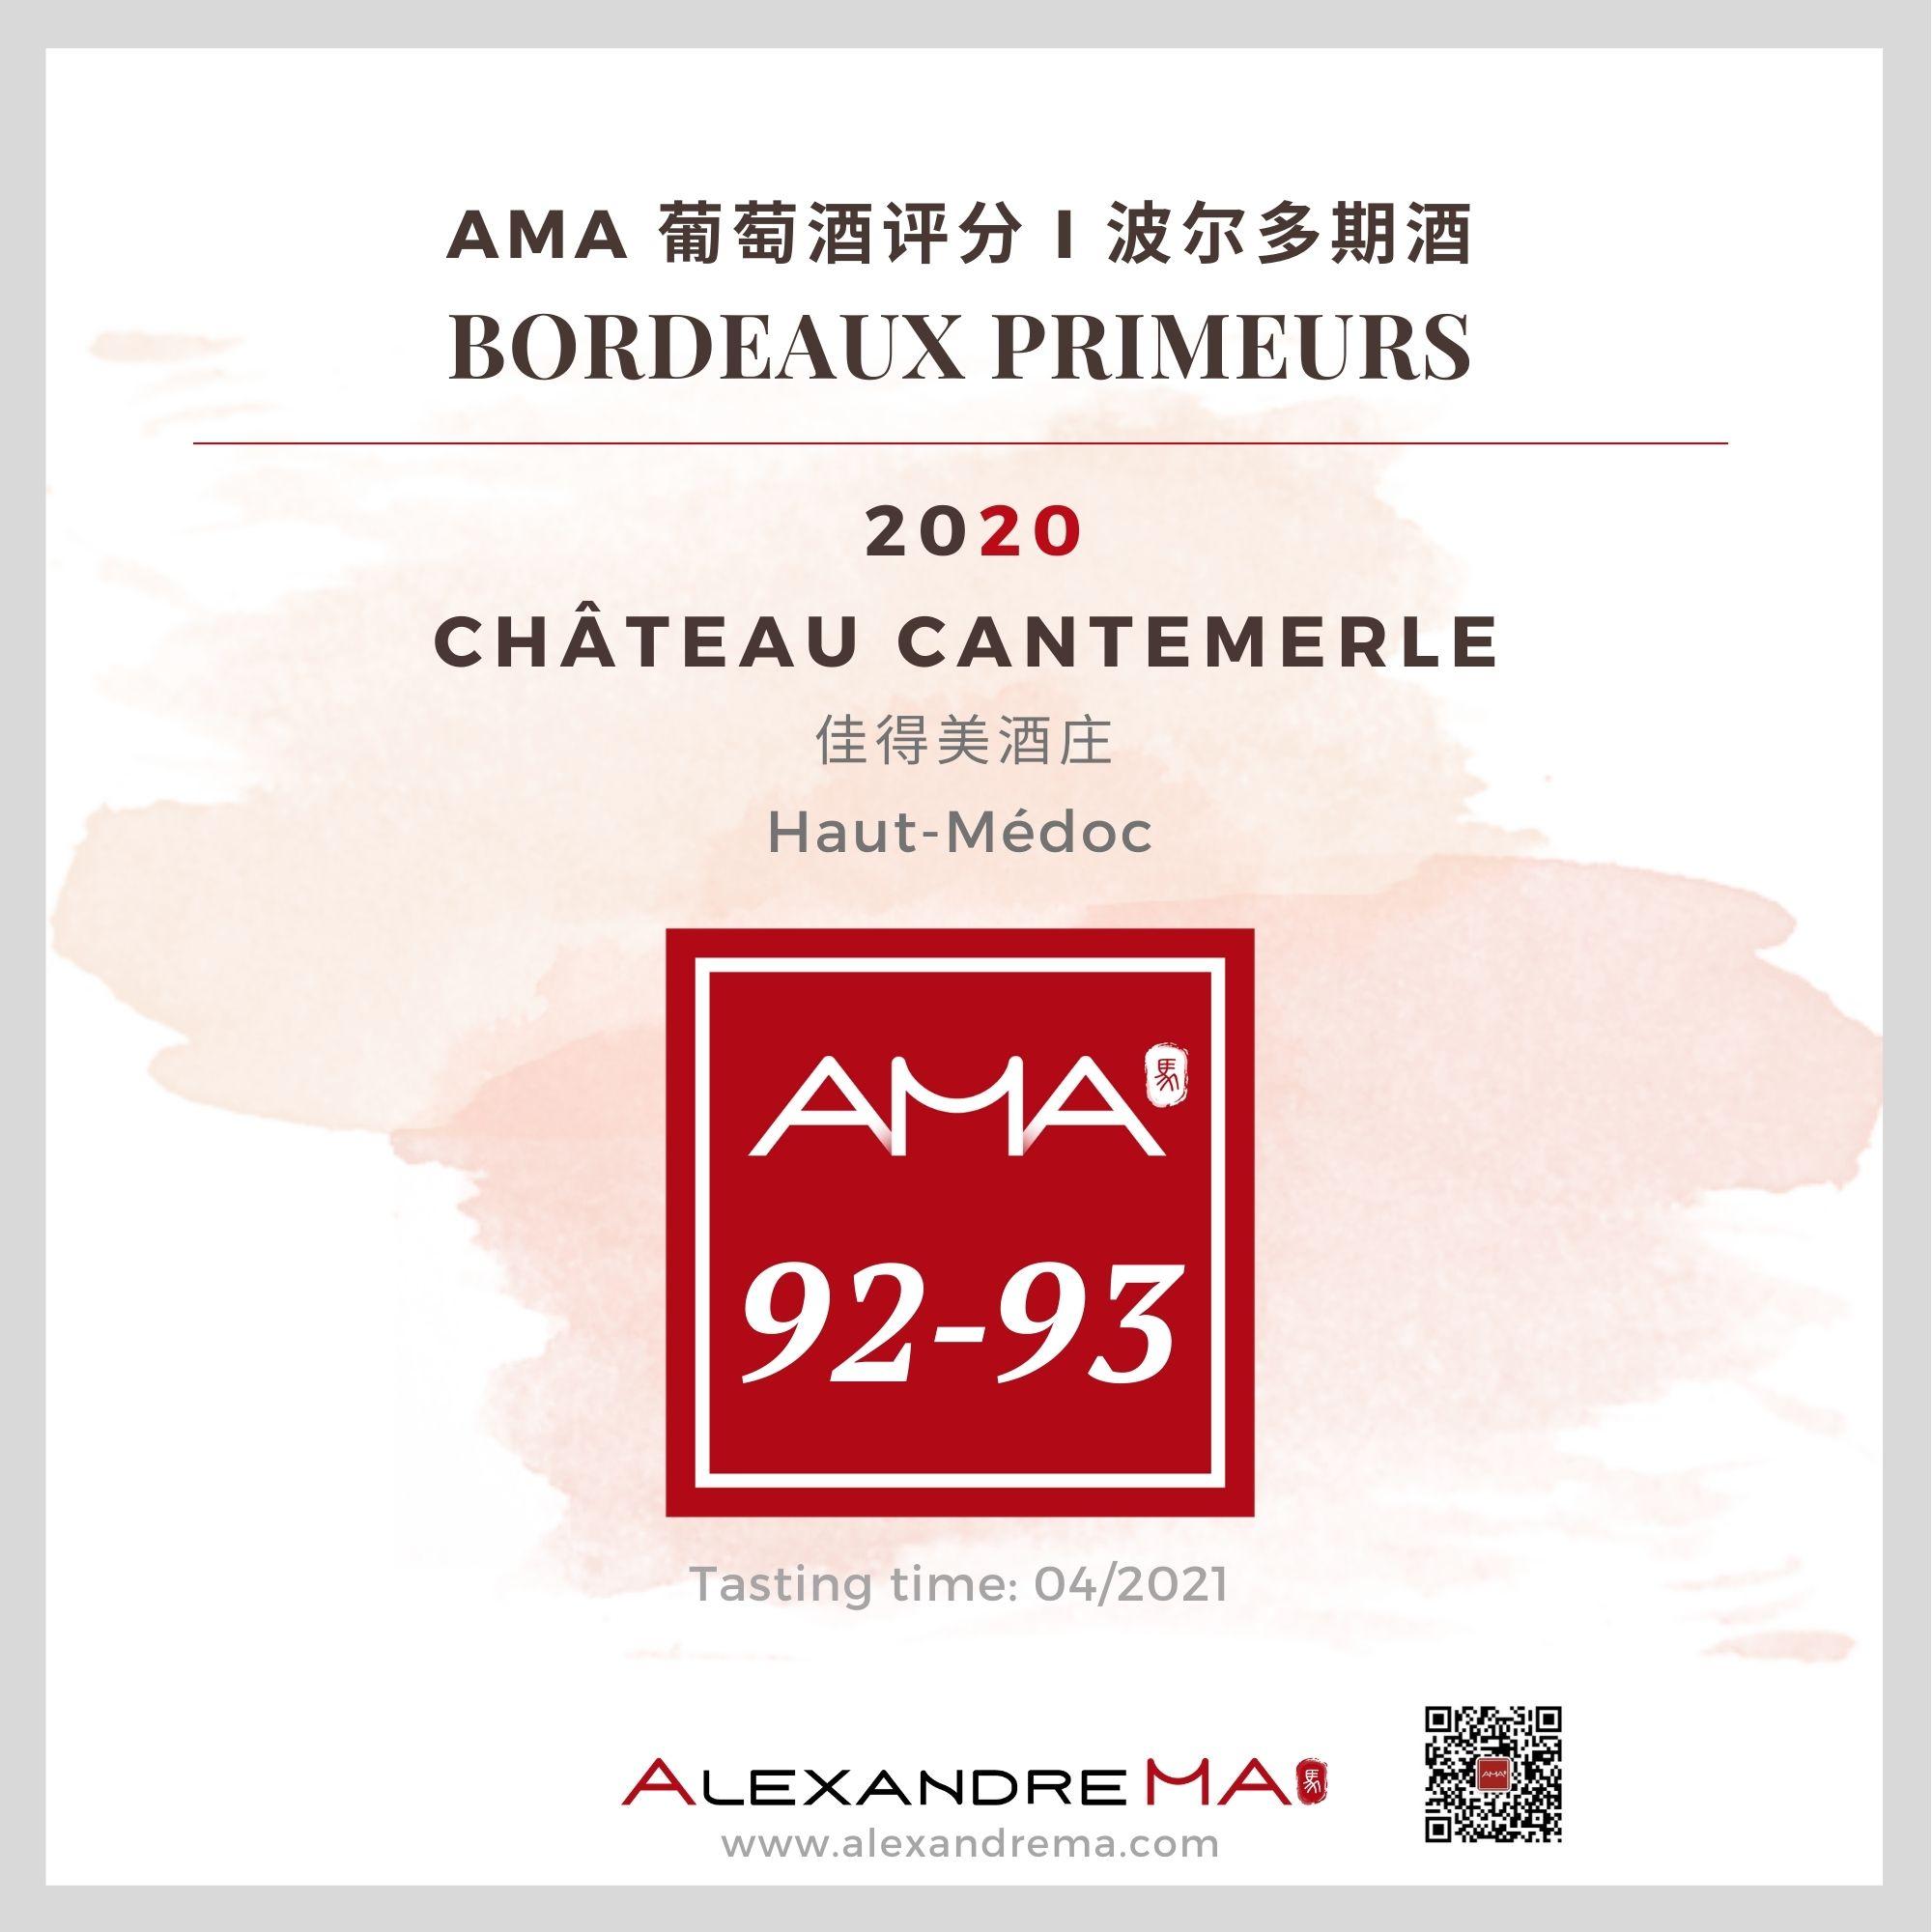 Château Cantemerle 2020 佳得美酒庄 - Alexandre Ma